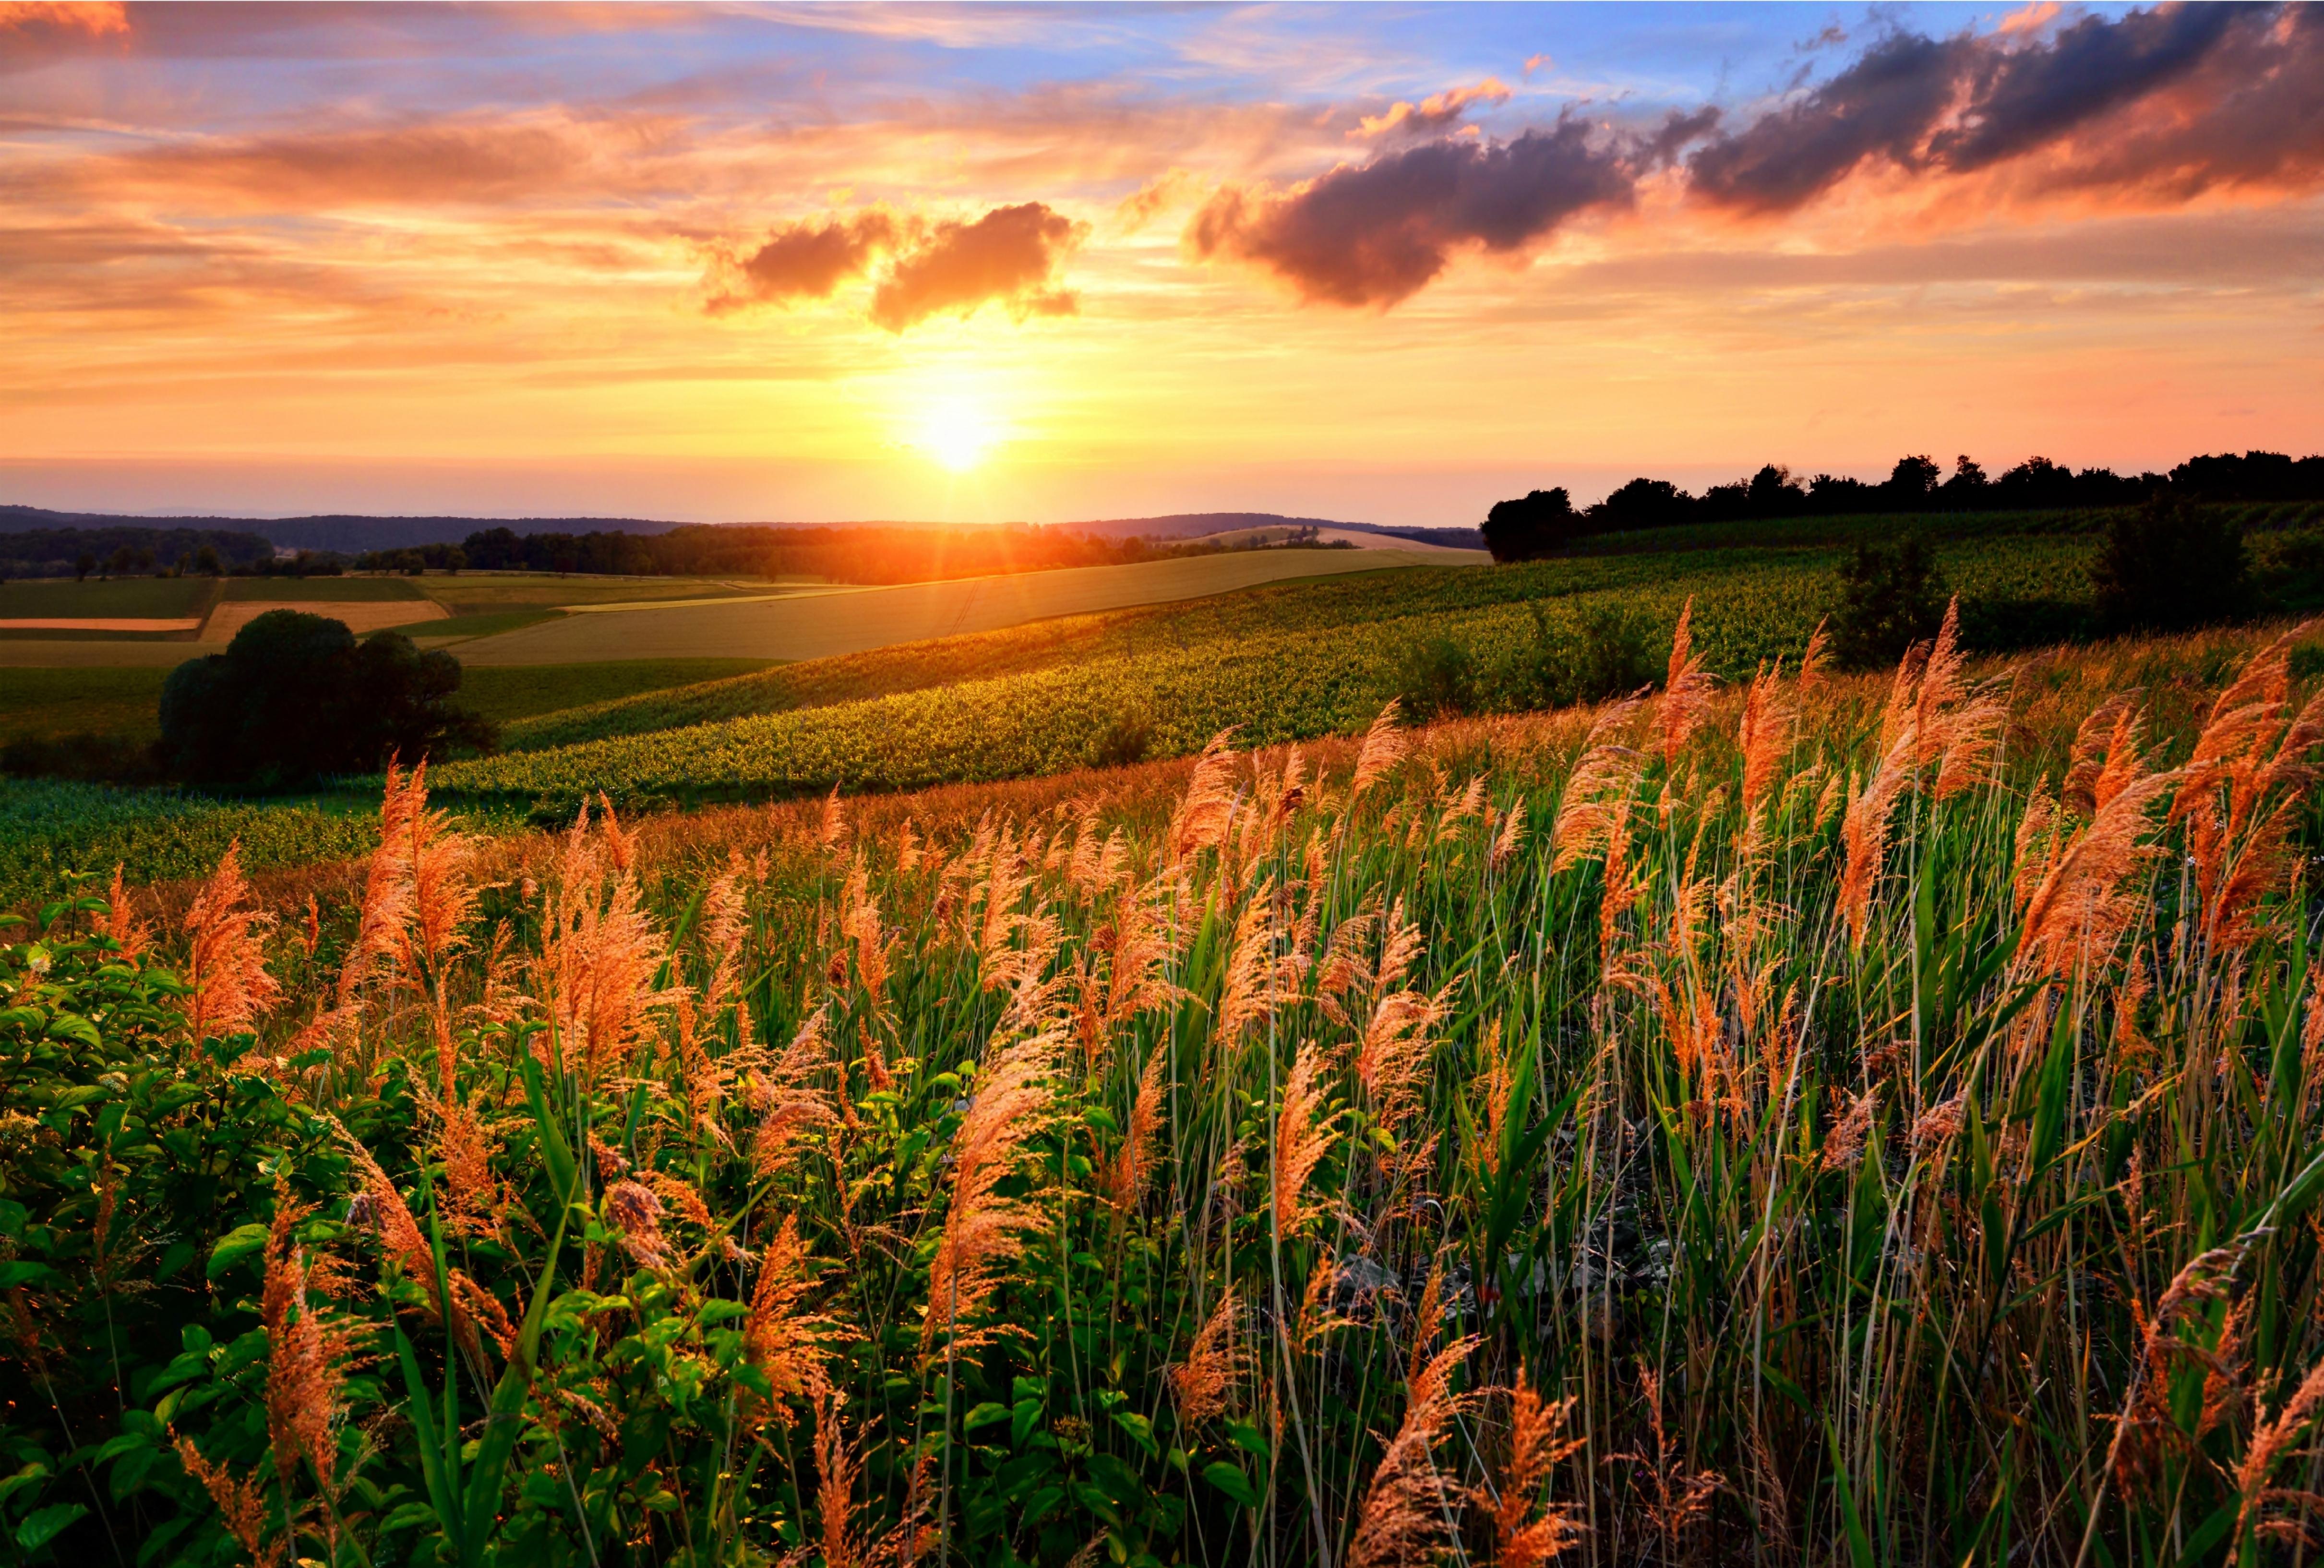 восход солнца в поле фото представляет